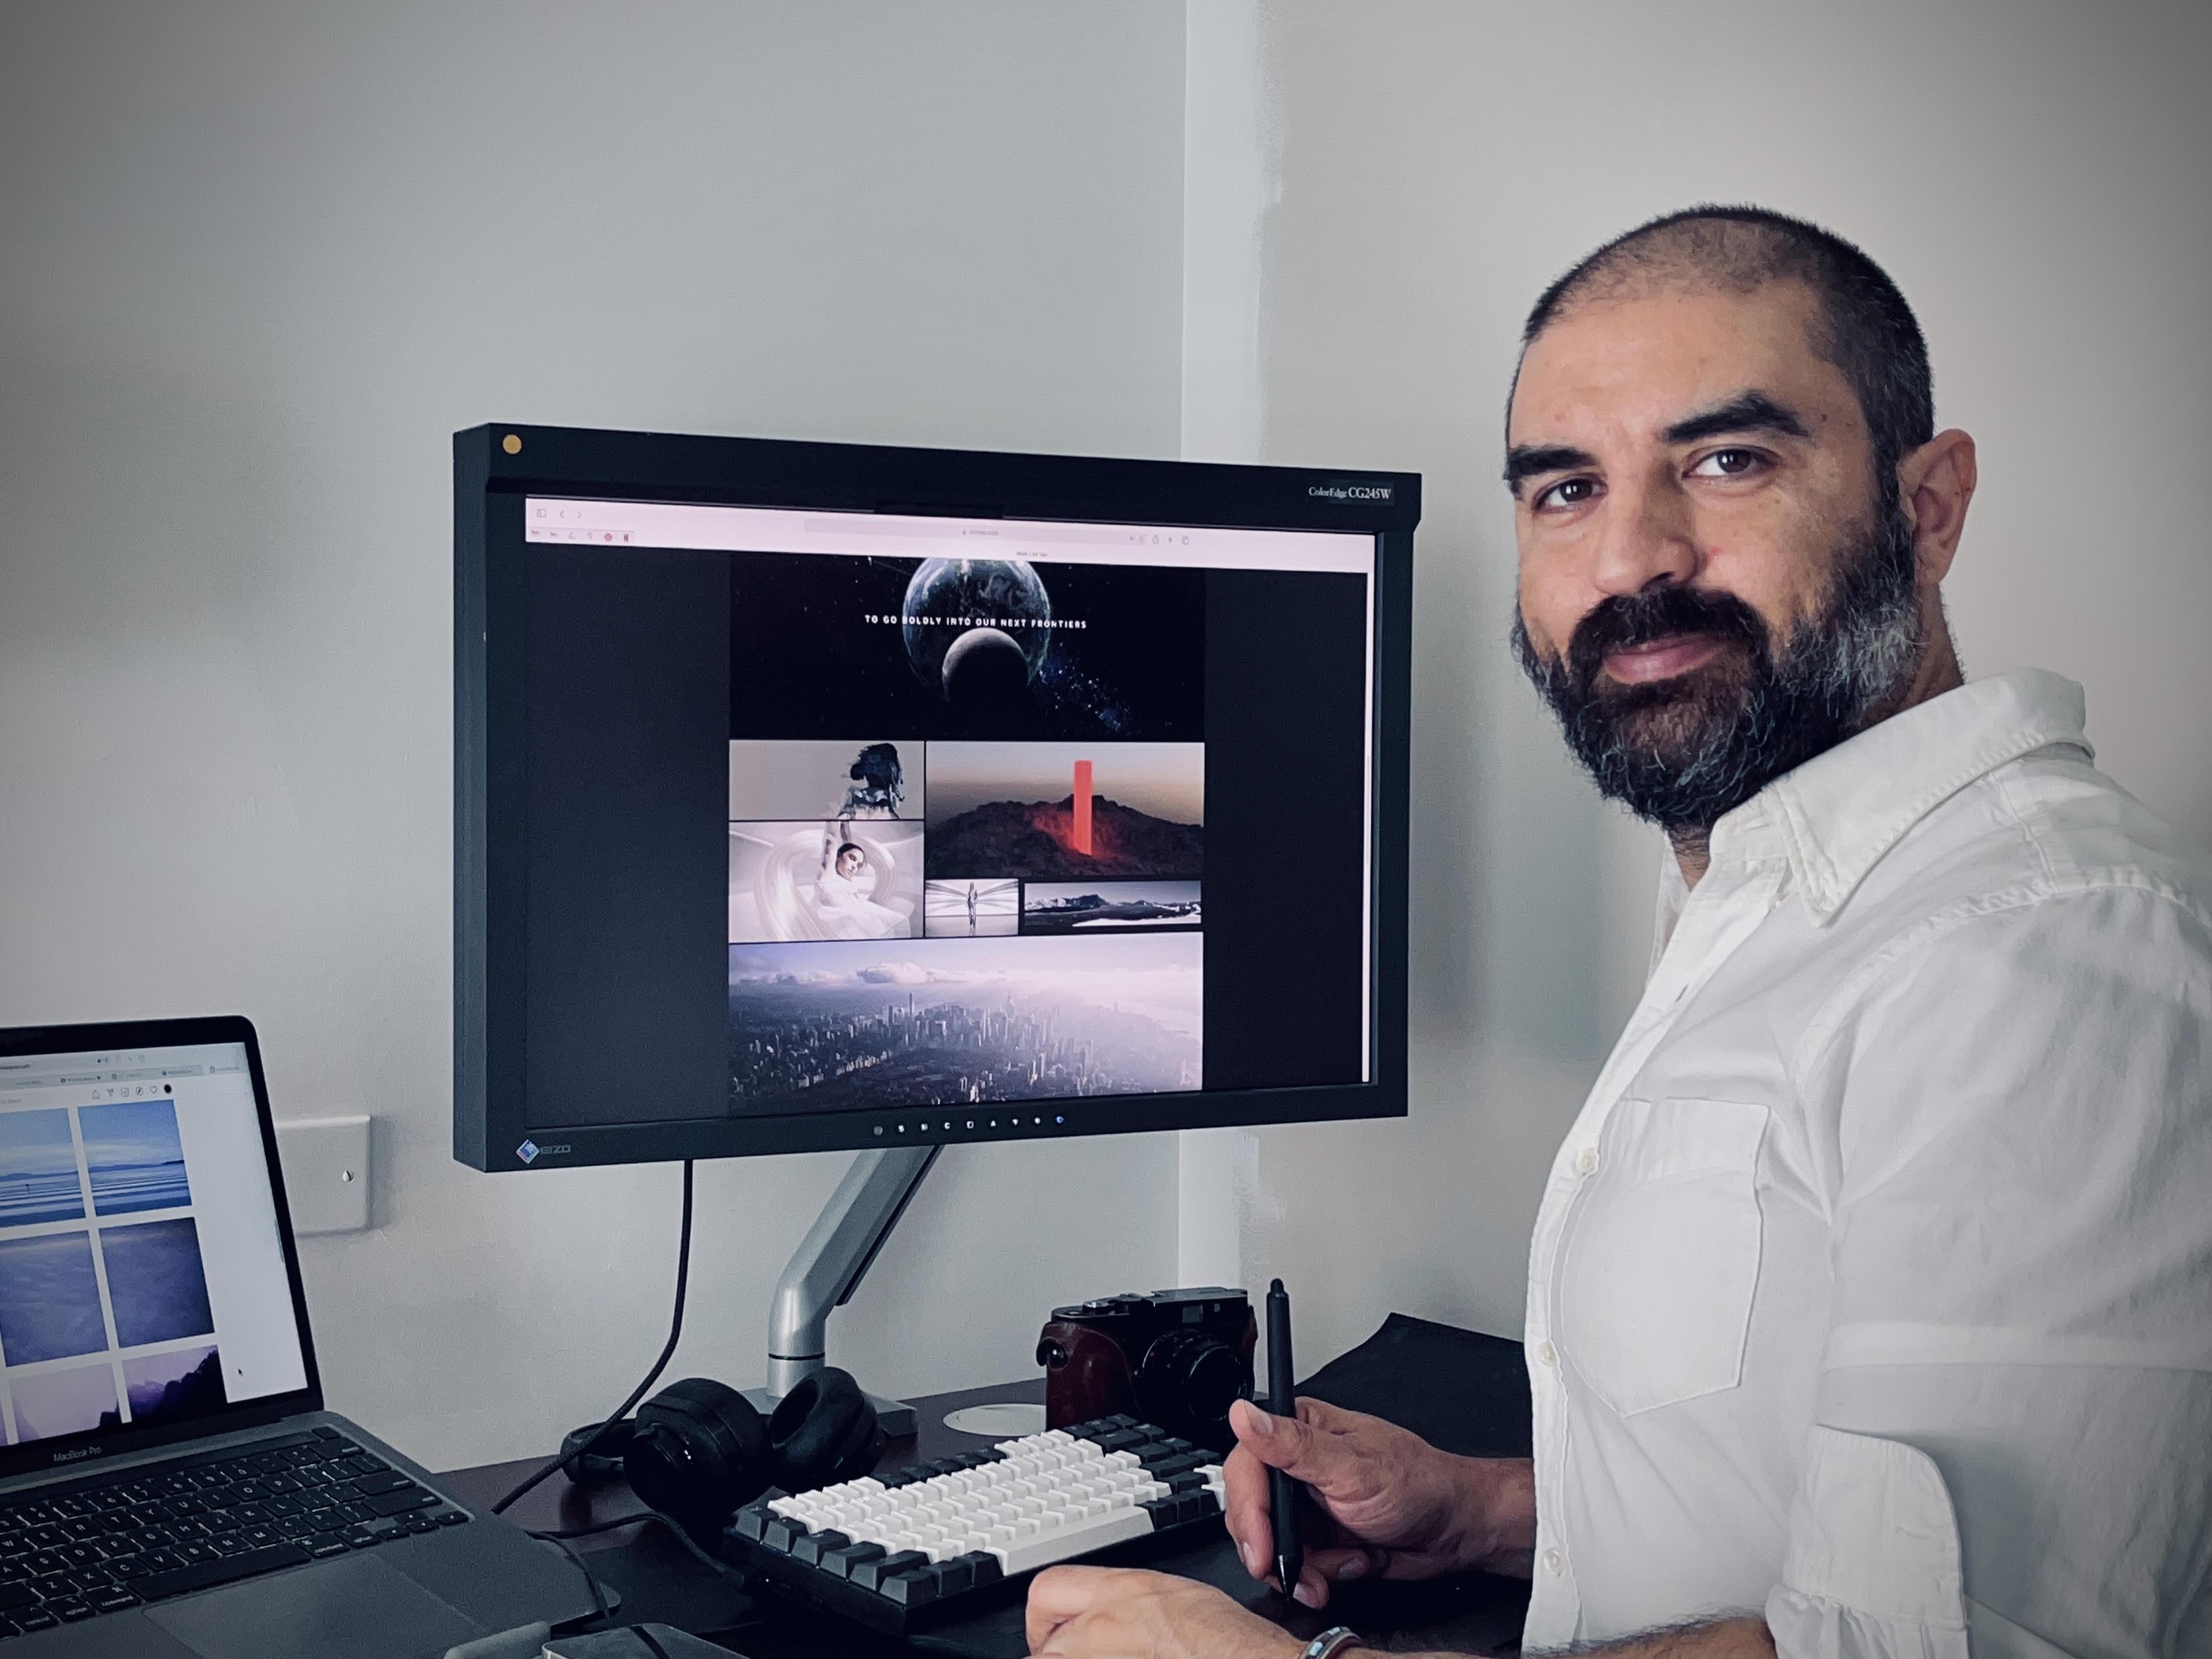 Navid Baghezadeh at his work station